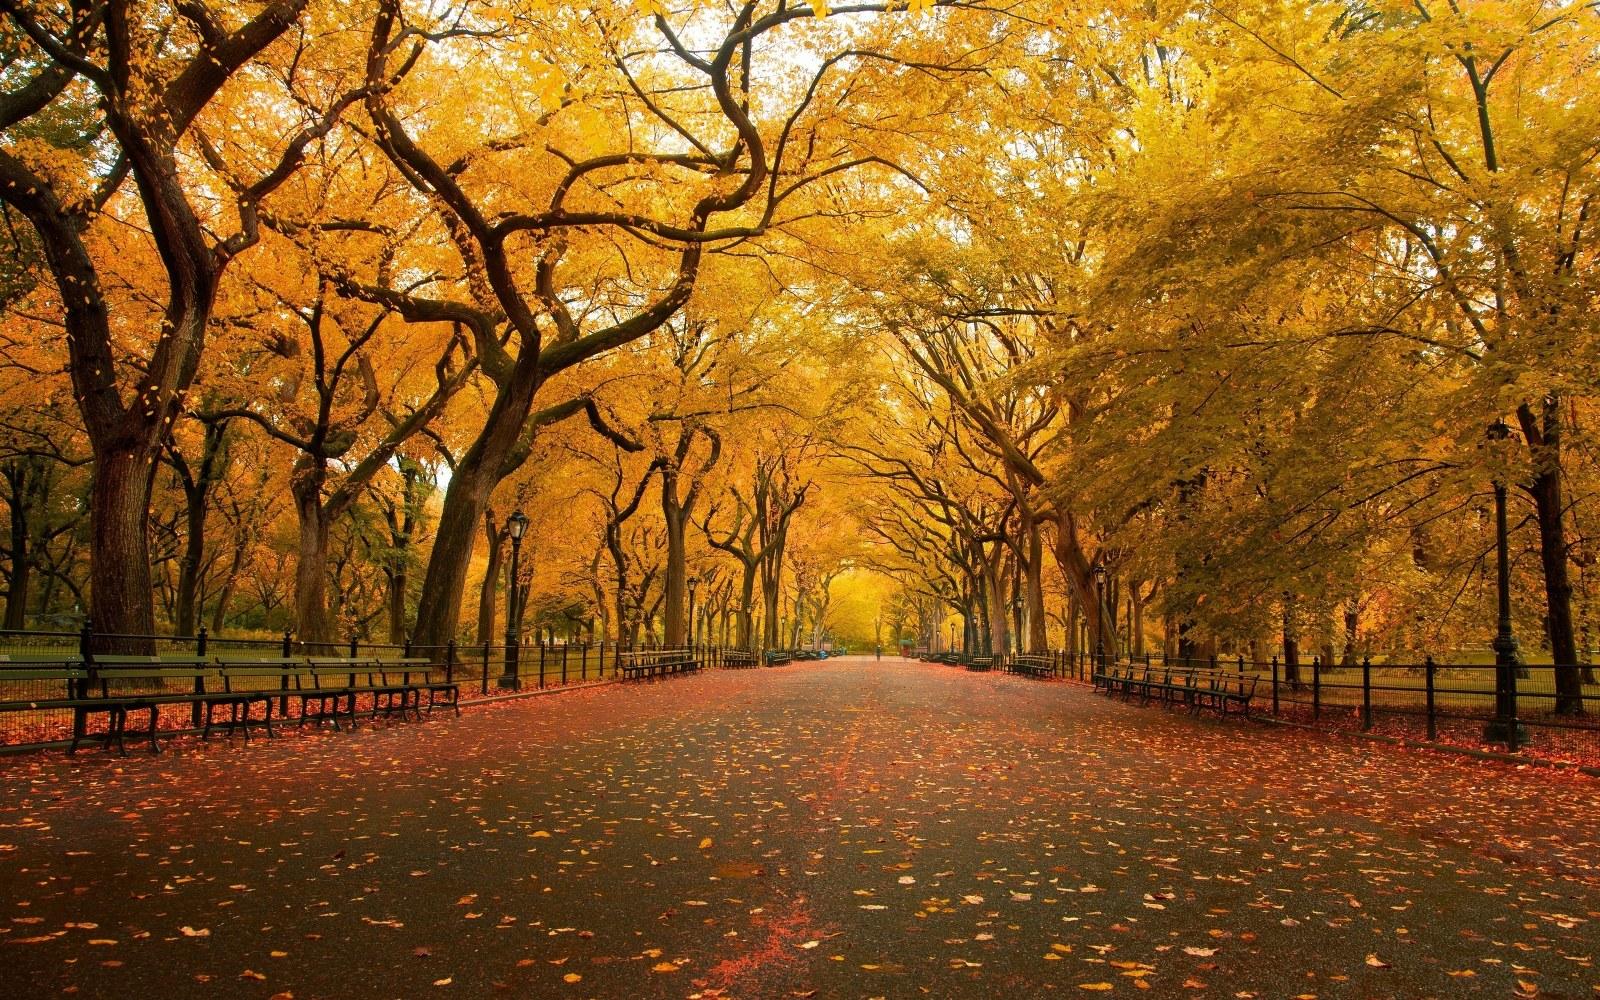 Autumn Scene Wallpaper 16001000 wallpapers55com   Best Wallpapers 1600x1000